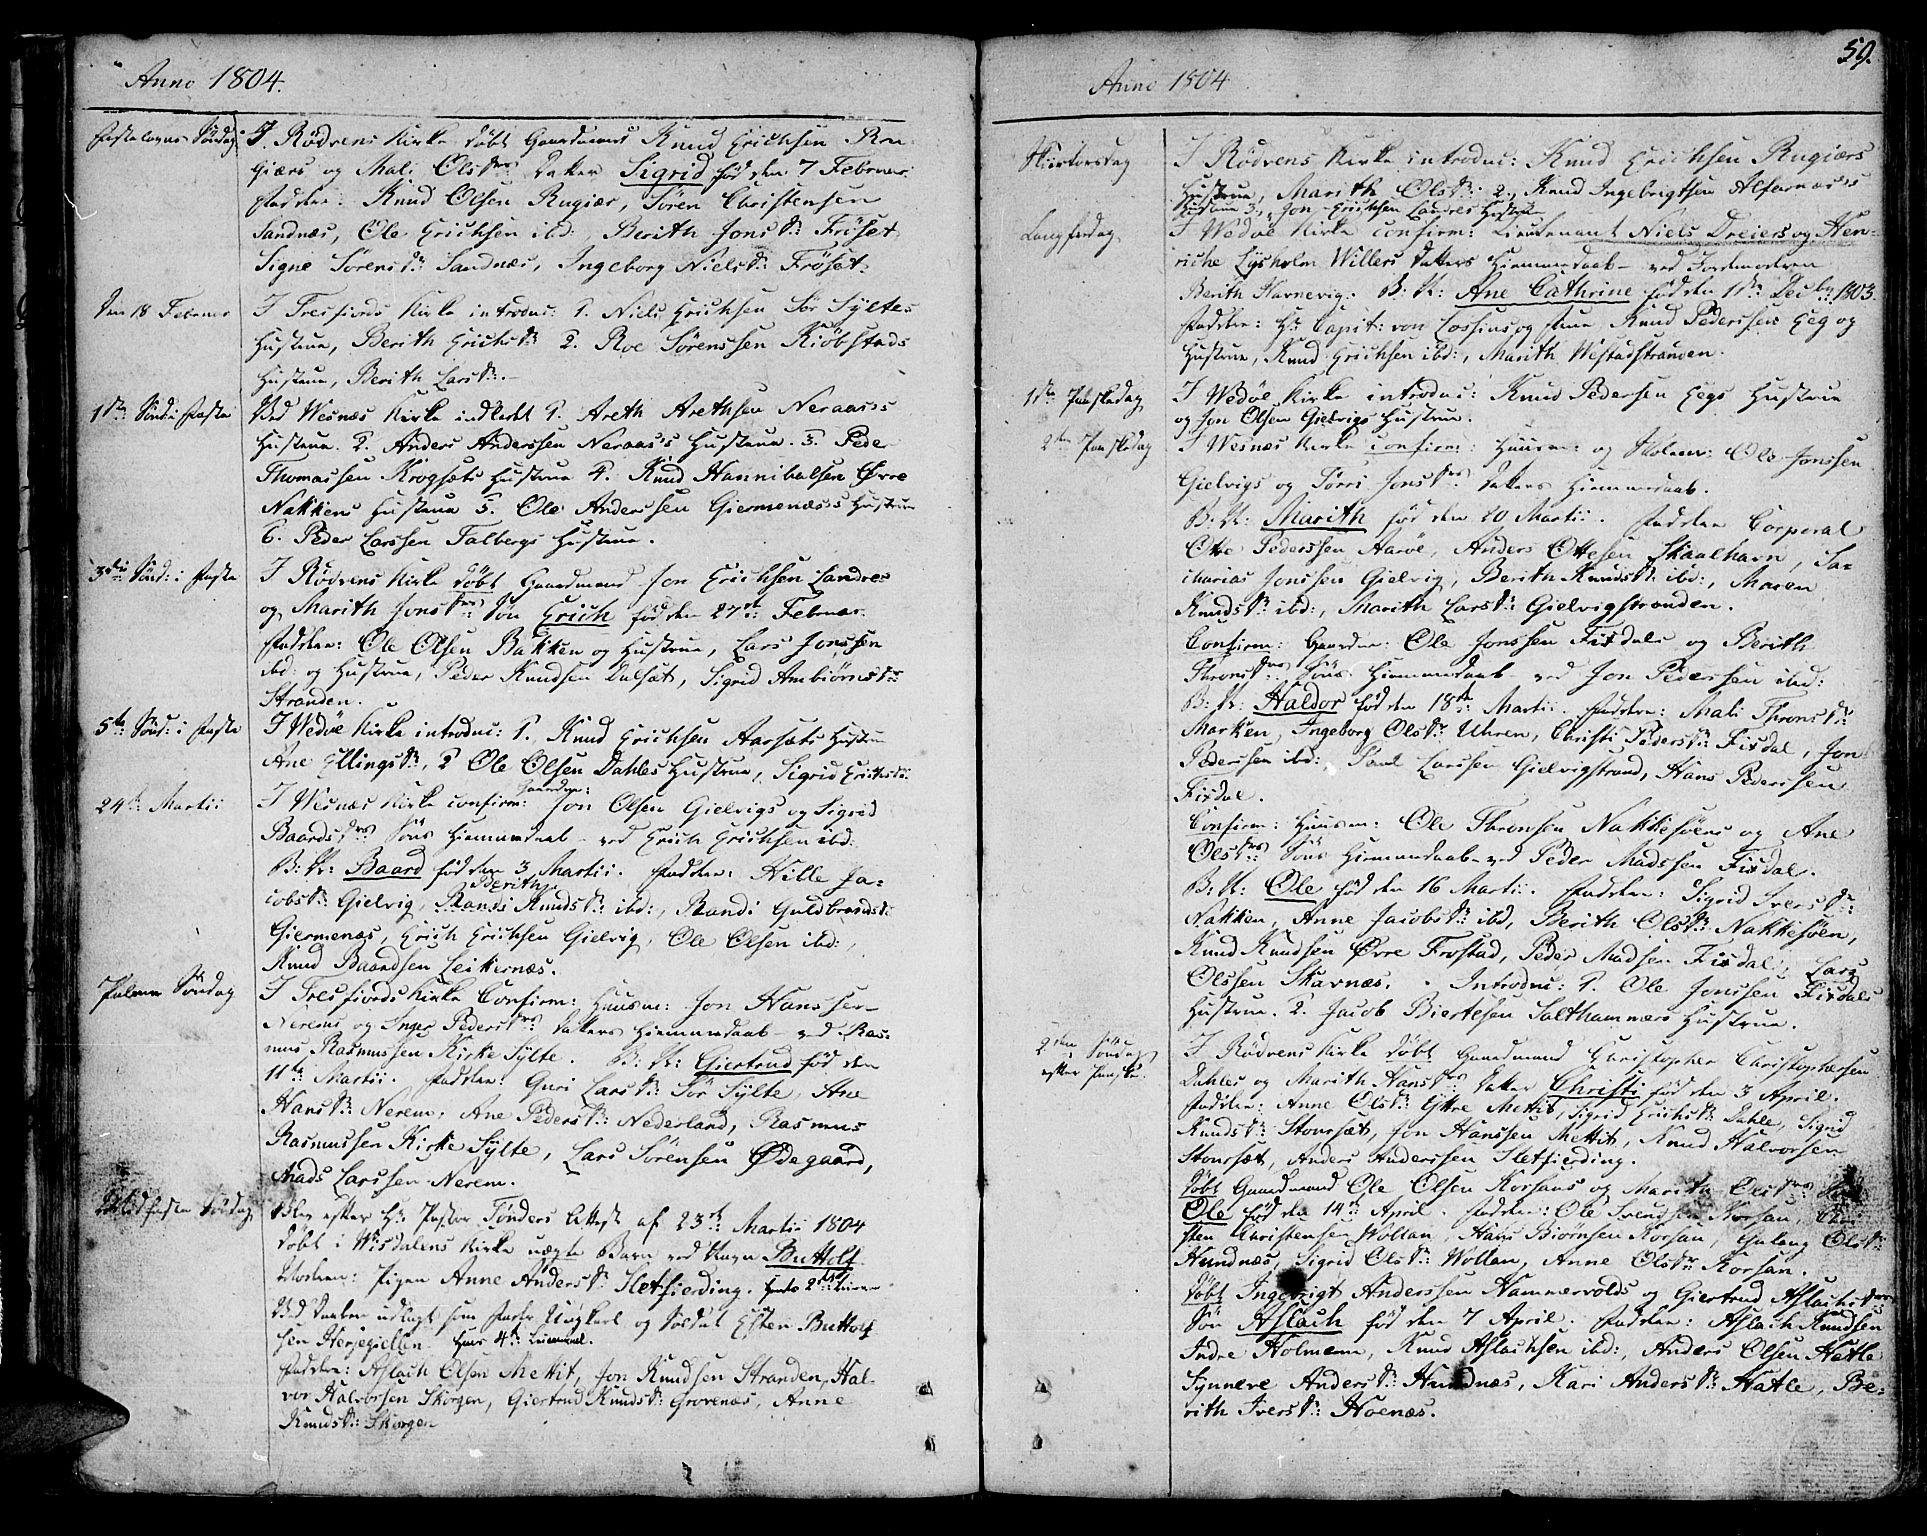 SAT, Ministerialprotokoller, klokkerbøker og fødselsregistre - Møre og Romsdal, 547/L0601: Ministerialbok nr. 547A03, 1799-1818, s. 59